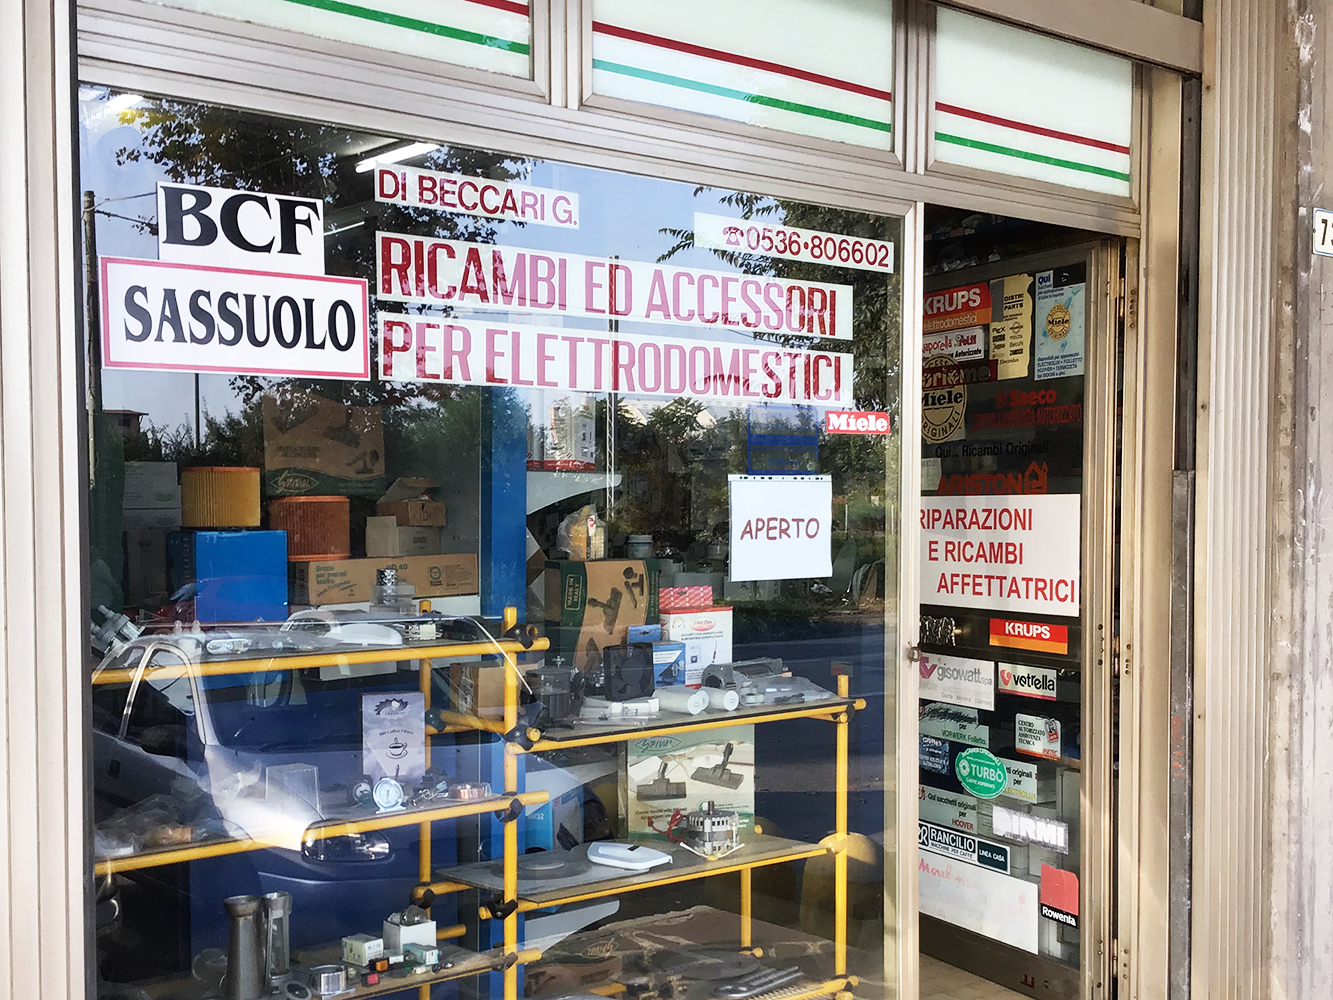 Negozio vendita accessori elettrodomestici Beccari Gino